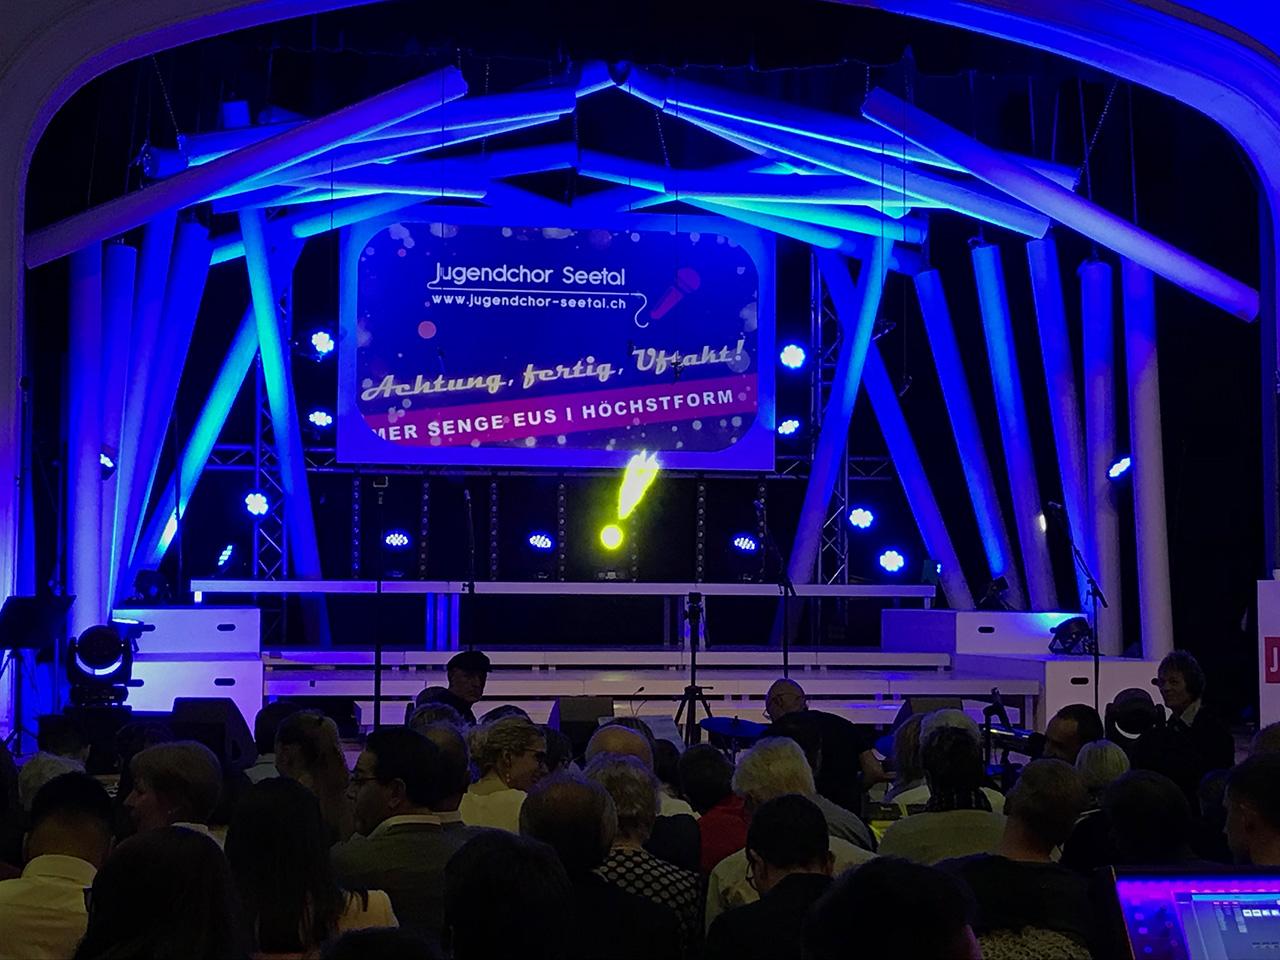 Events - Jugendchor Seetal - Bühnenset seit 2016